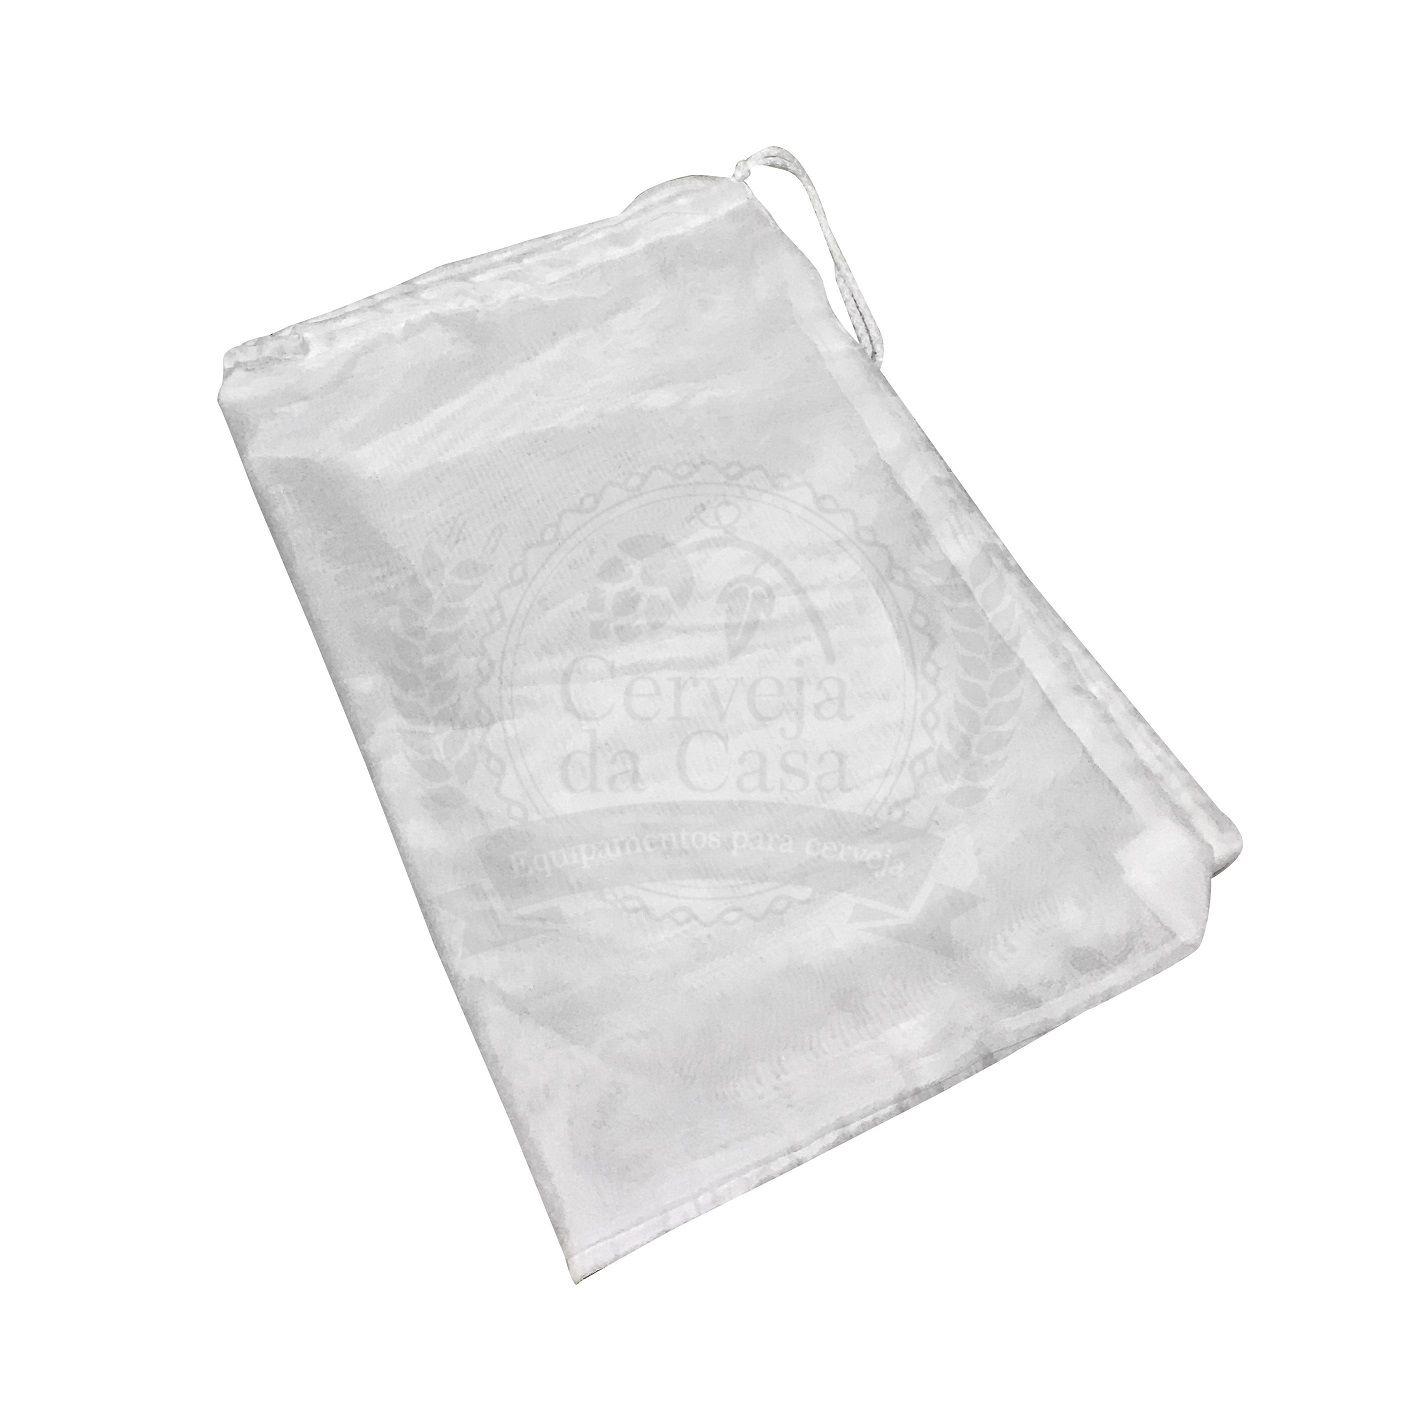 Grain Bag (saco para grãos)